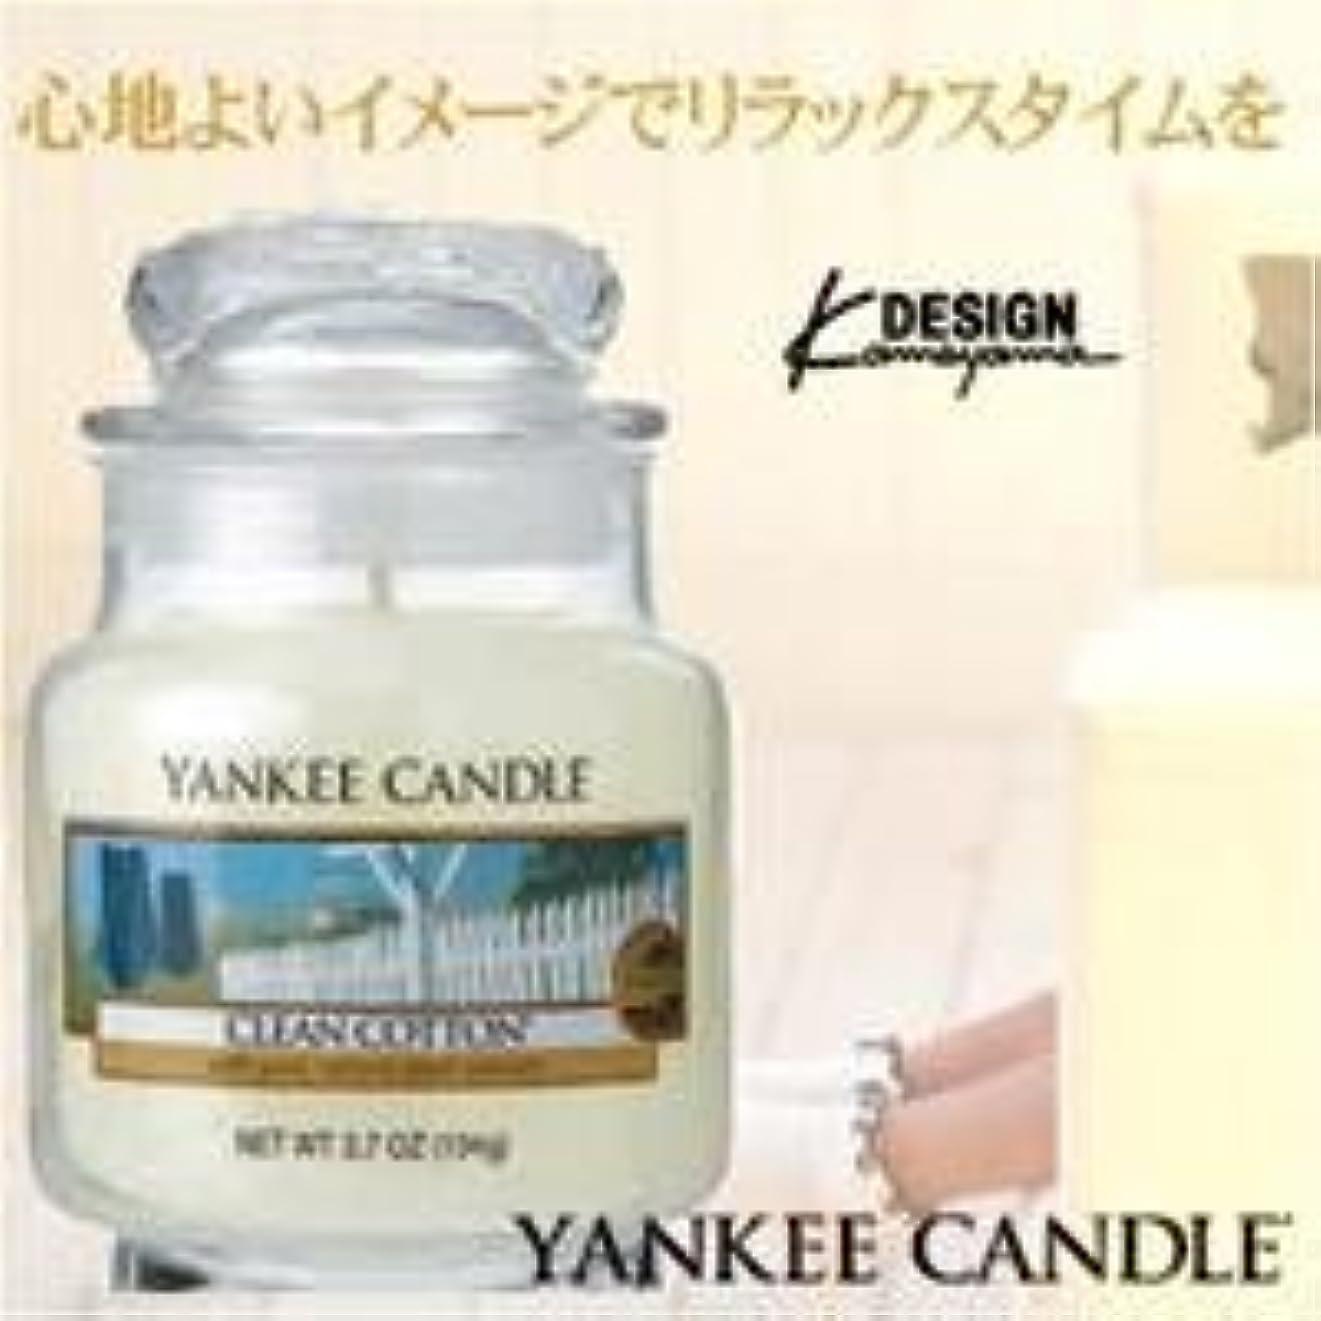 草非常に怒っています突き刺すYANKEE CANDLE(ヤンキーキャンドル)ジャーS YK0030501 クリーンコットン